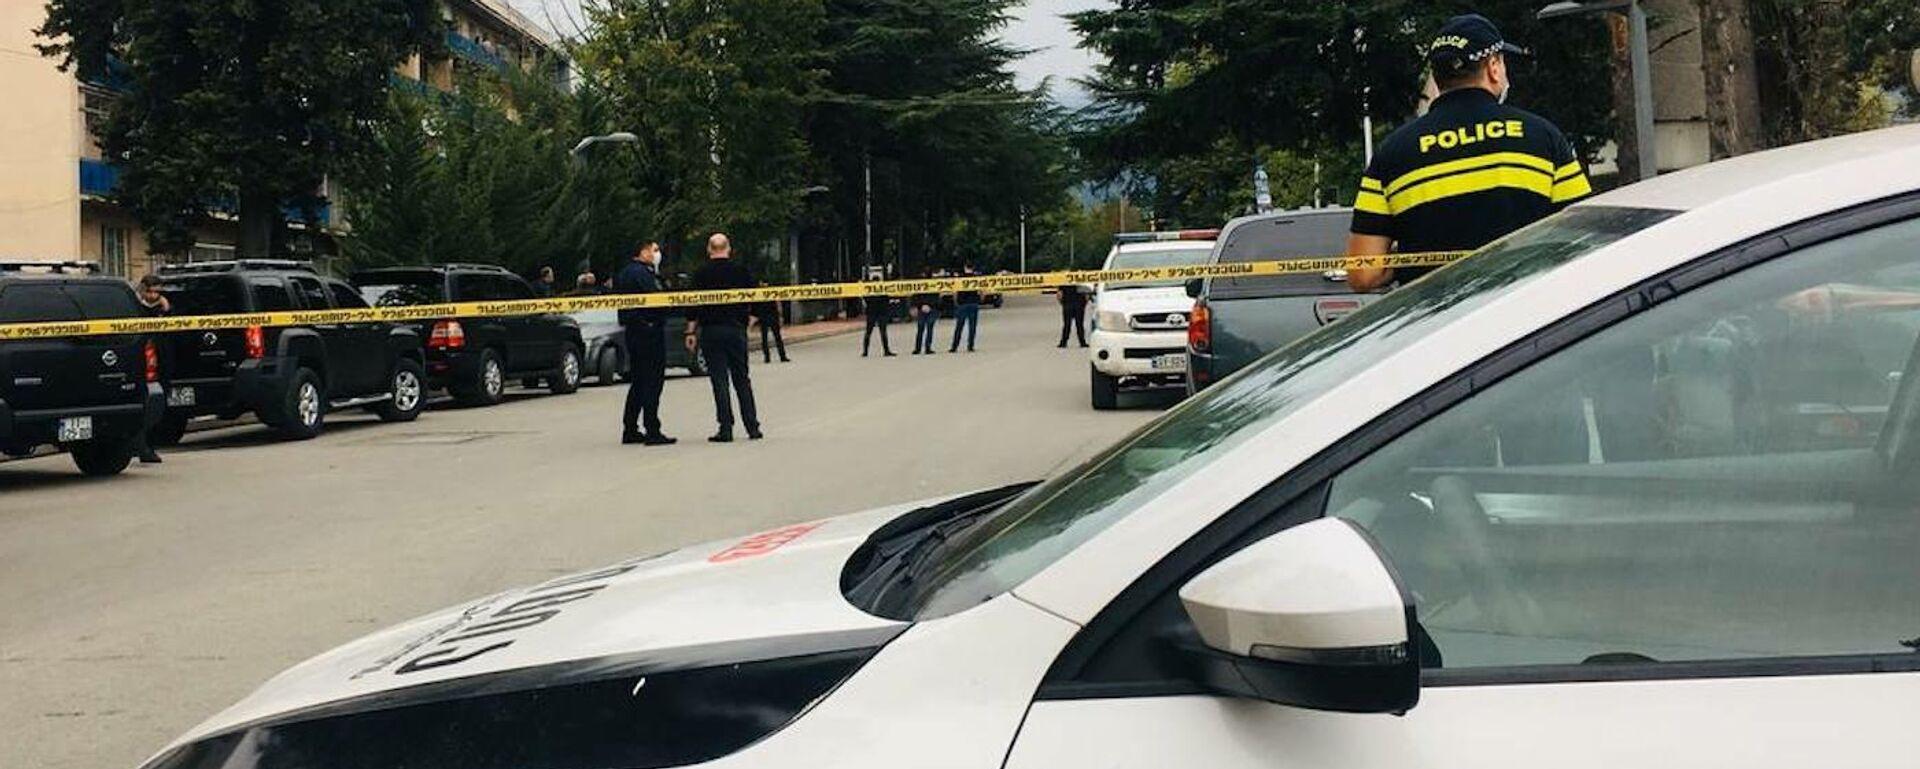 Полиция на месте нападения на филиал Банка Грузии в городе Кварели - Sputnik საქართველო, 1920, 09.09.2021